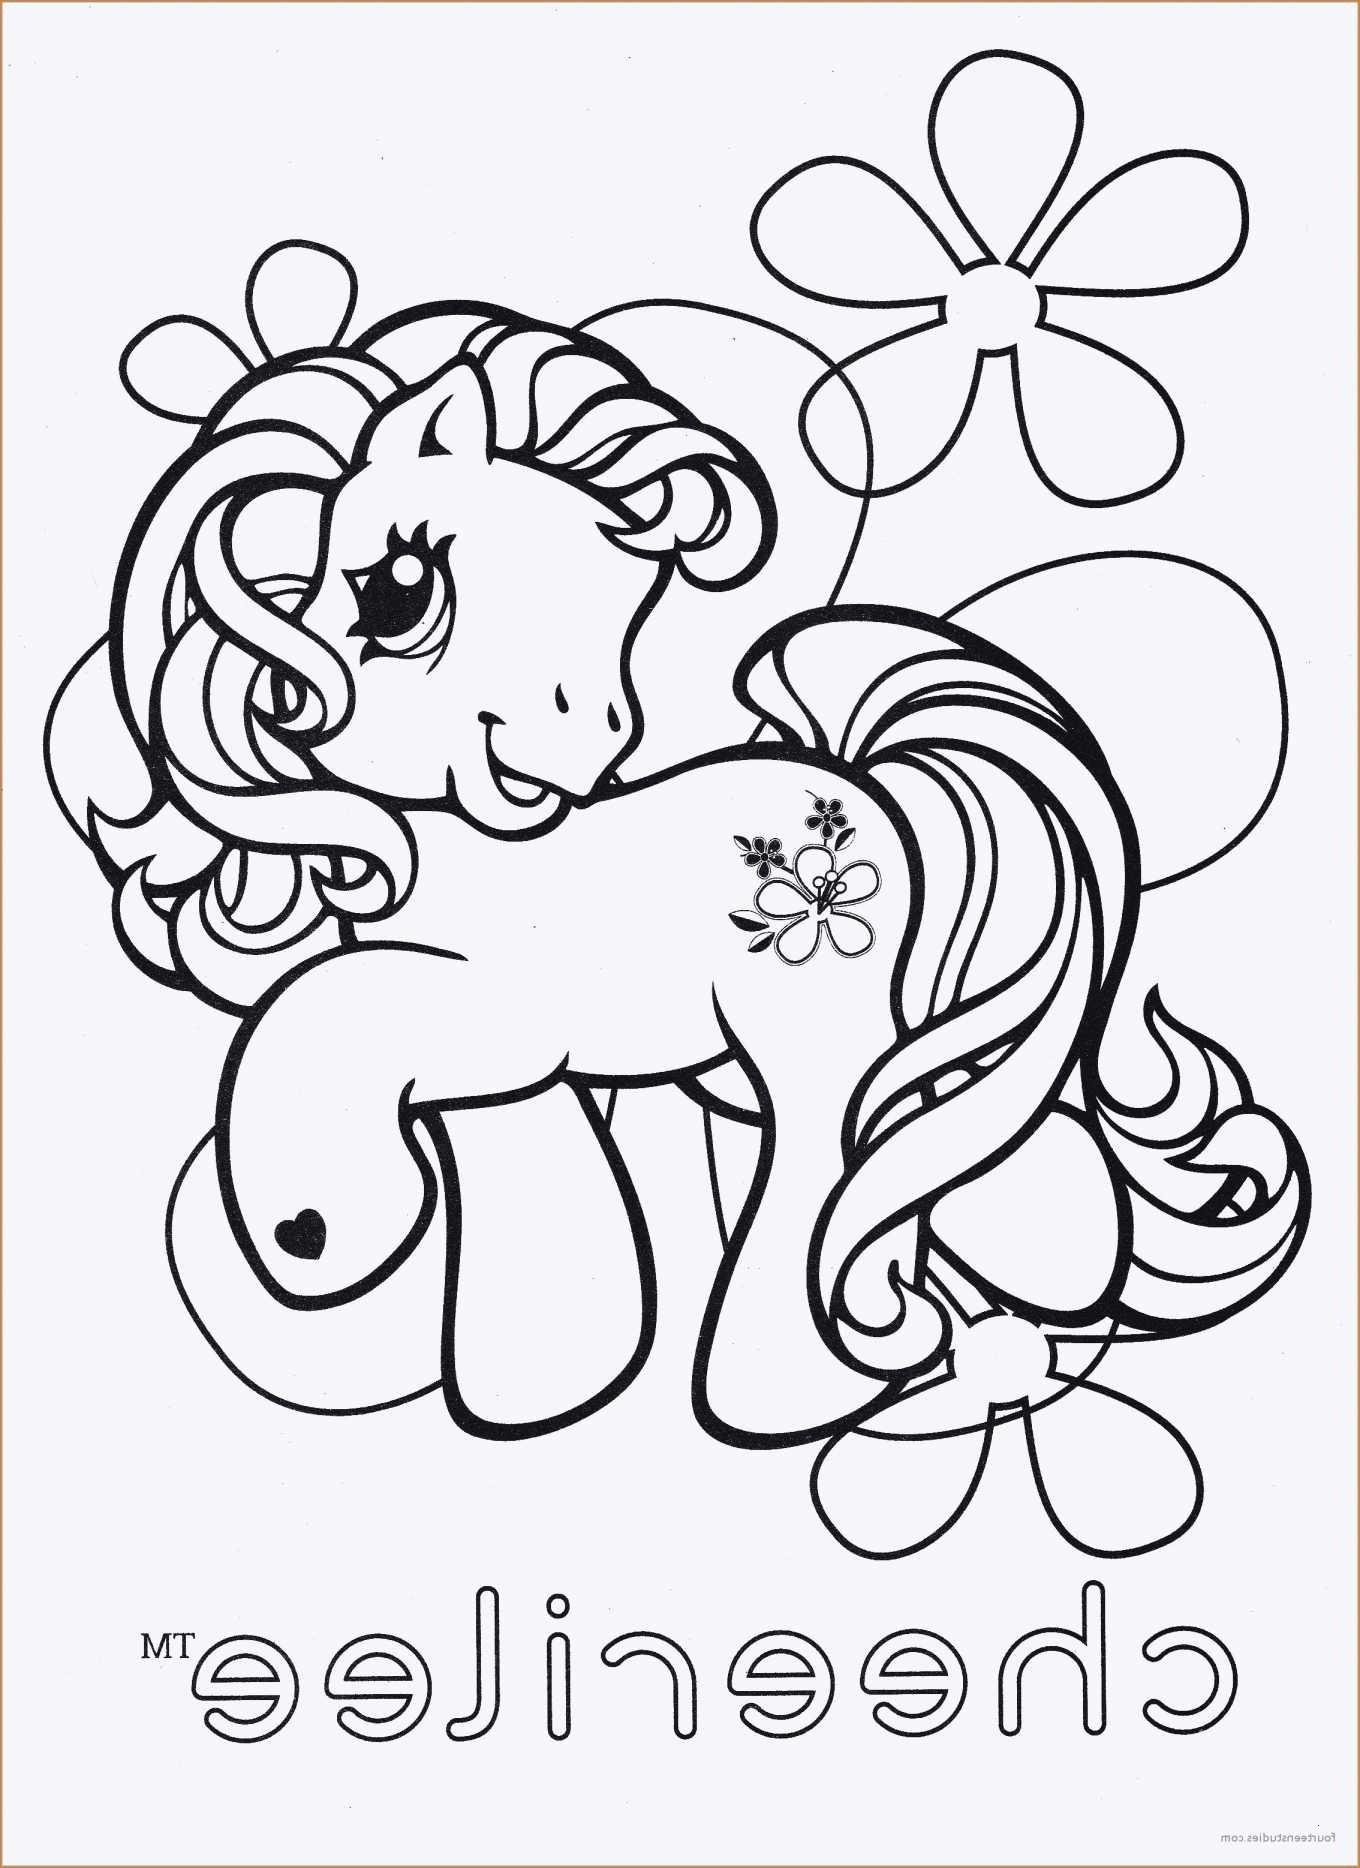 My Little Pony Ausmalbild Einzigartig 29 Luxus My Little Pony Ausmalbild – Malvorlagen Ideen Bilder